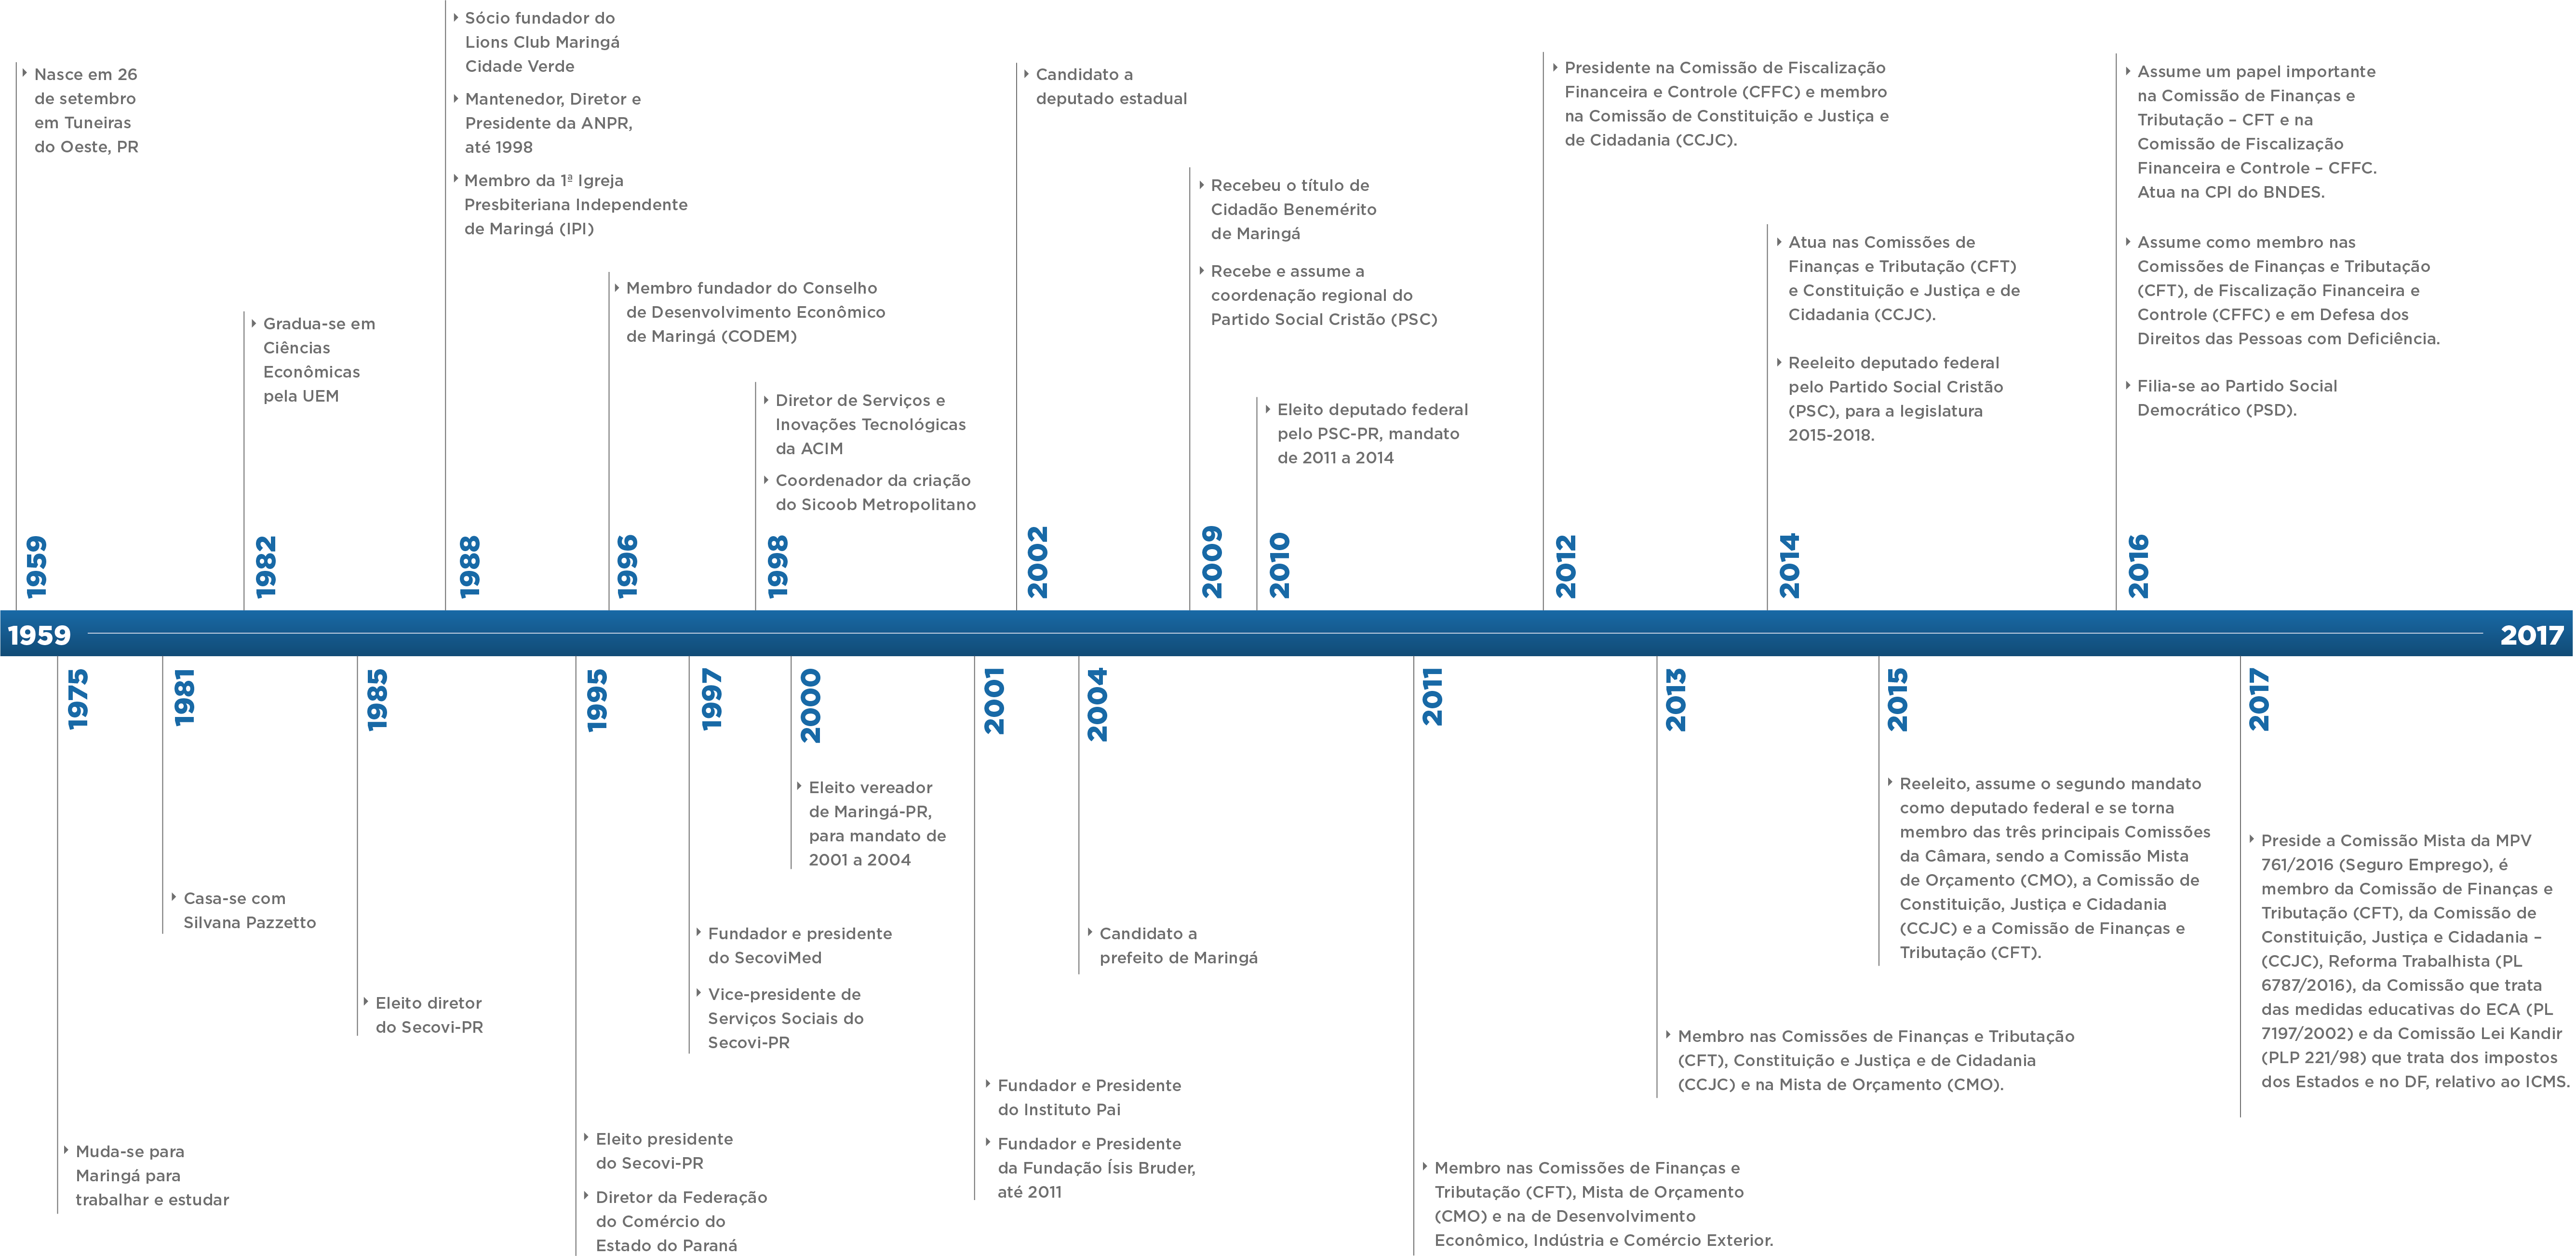 Ficheiro:Linha tempo.png - Wikipédia, a enciclopédia livre